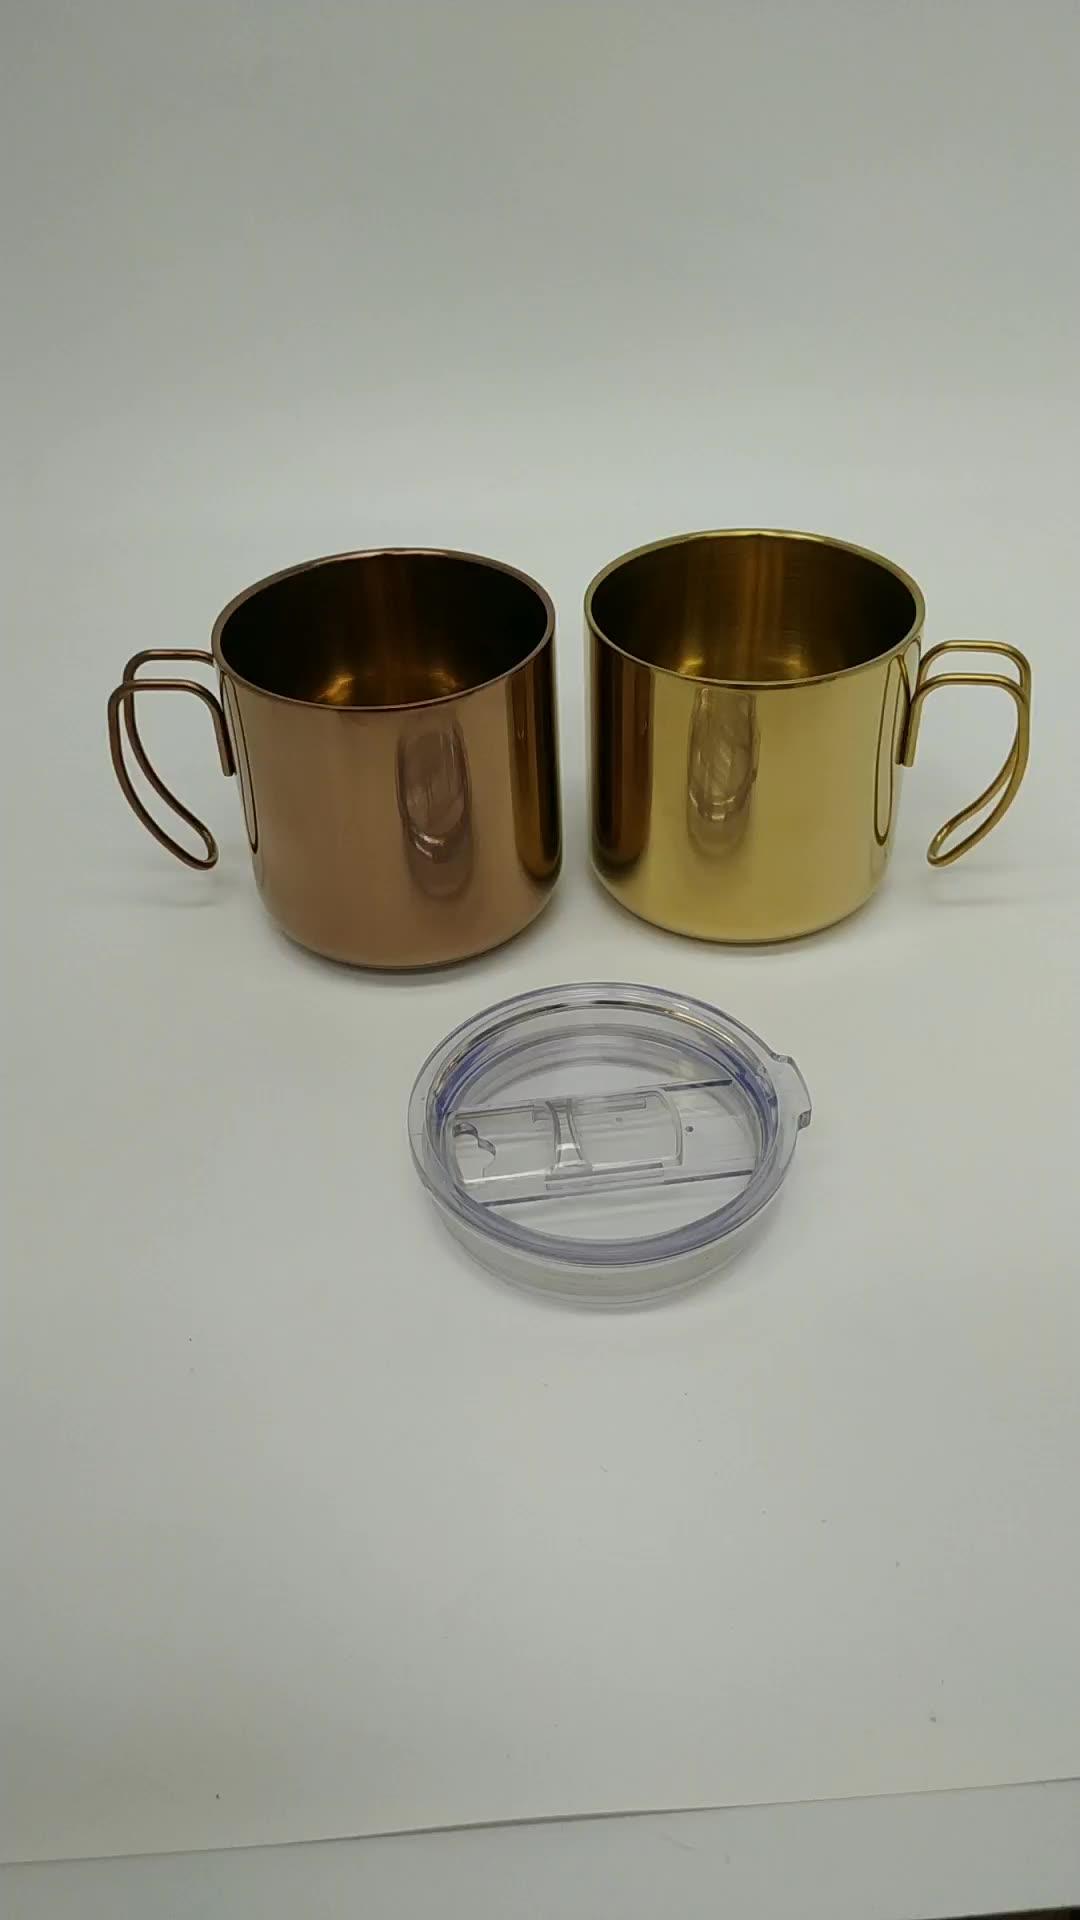 350ml paslanmaz çelik gül altın kahve kupa tel kanca kolu